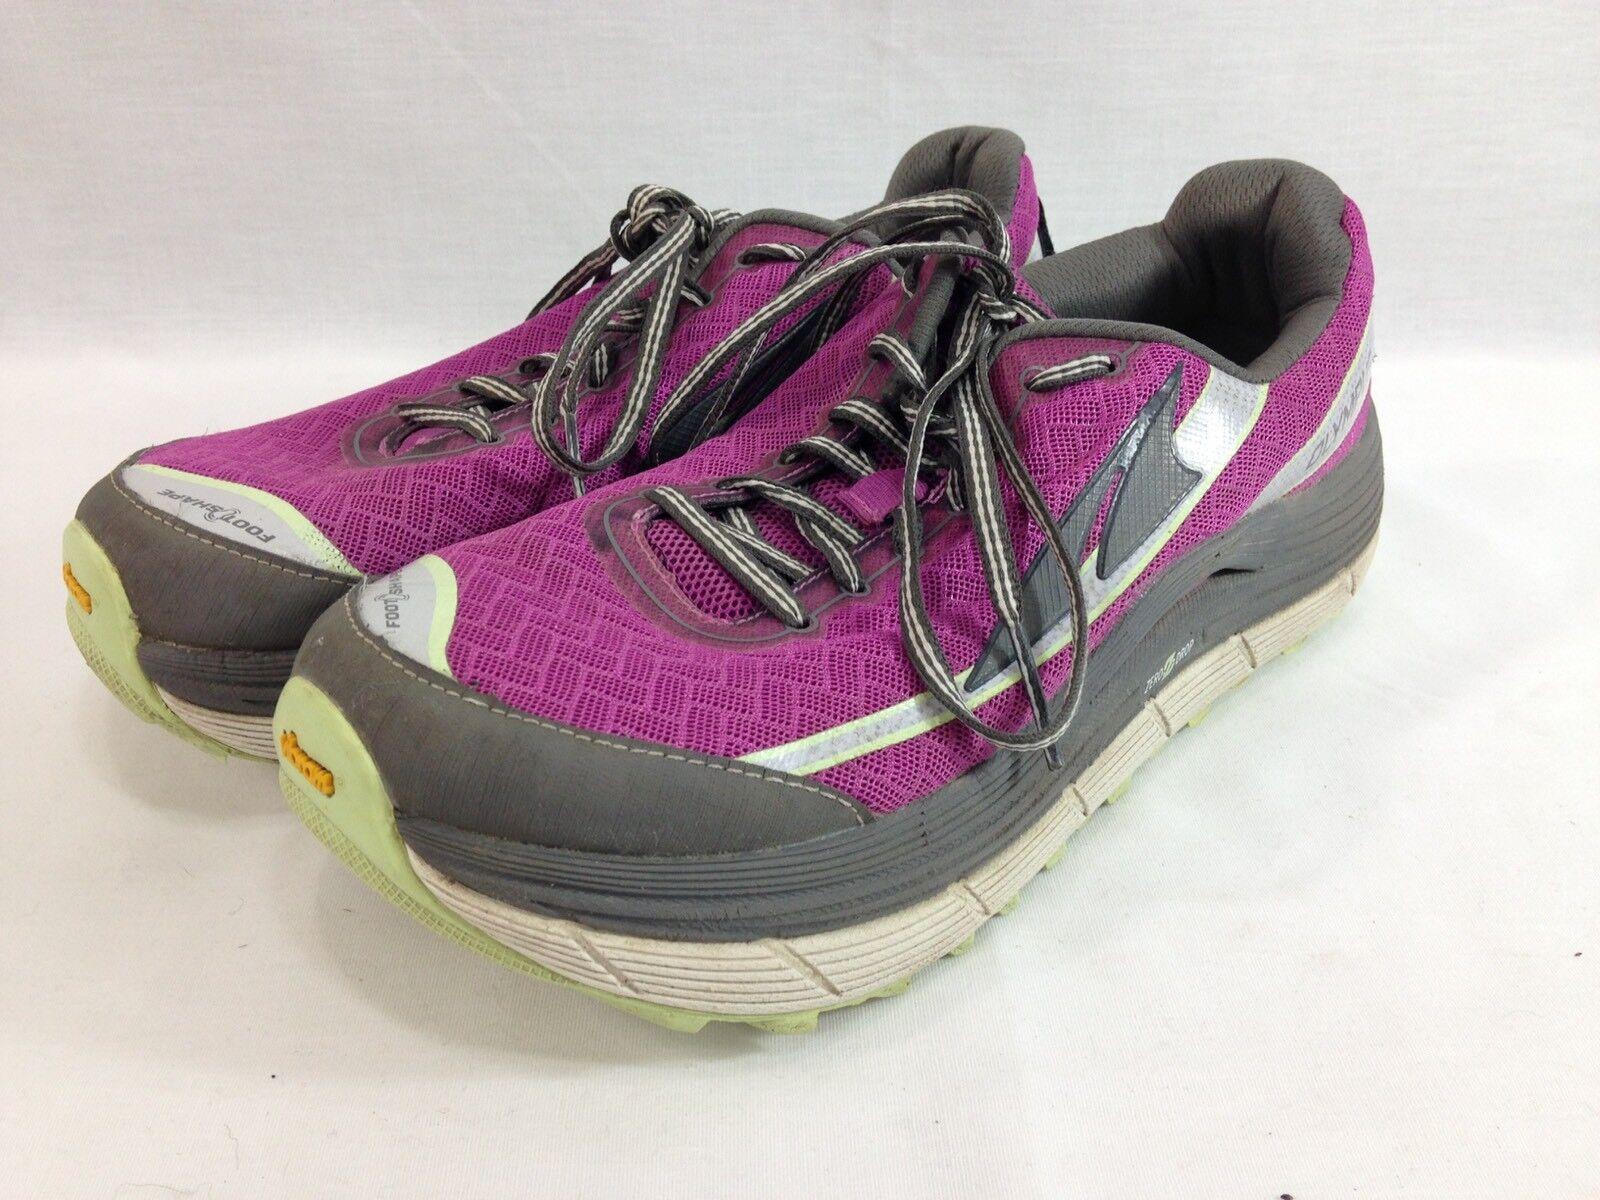 Altra Olympus 2.0 Tenis Zapatos para mujer mujer mujer 8 Púrpura Correr Atléticos cero Gota  moda clasica